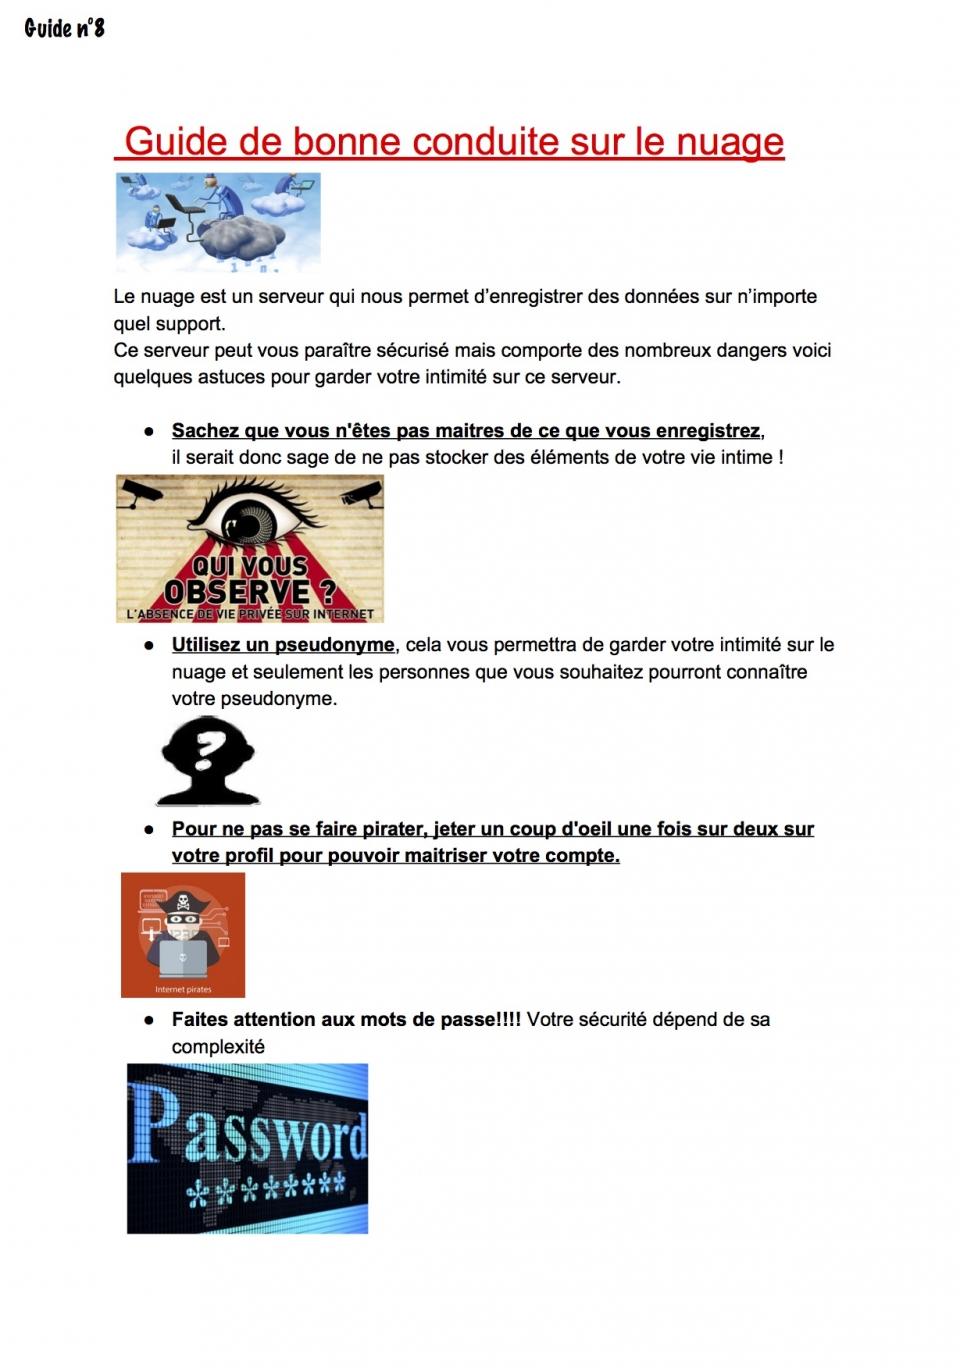 Guide 8